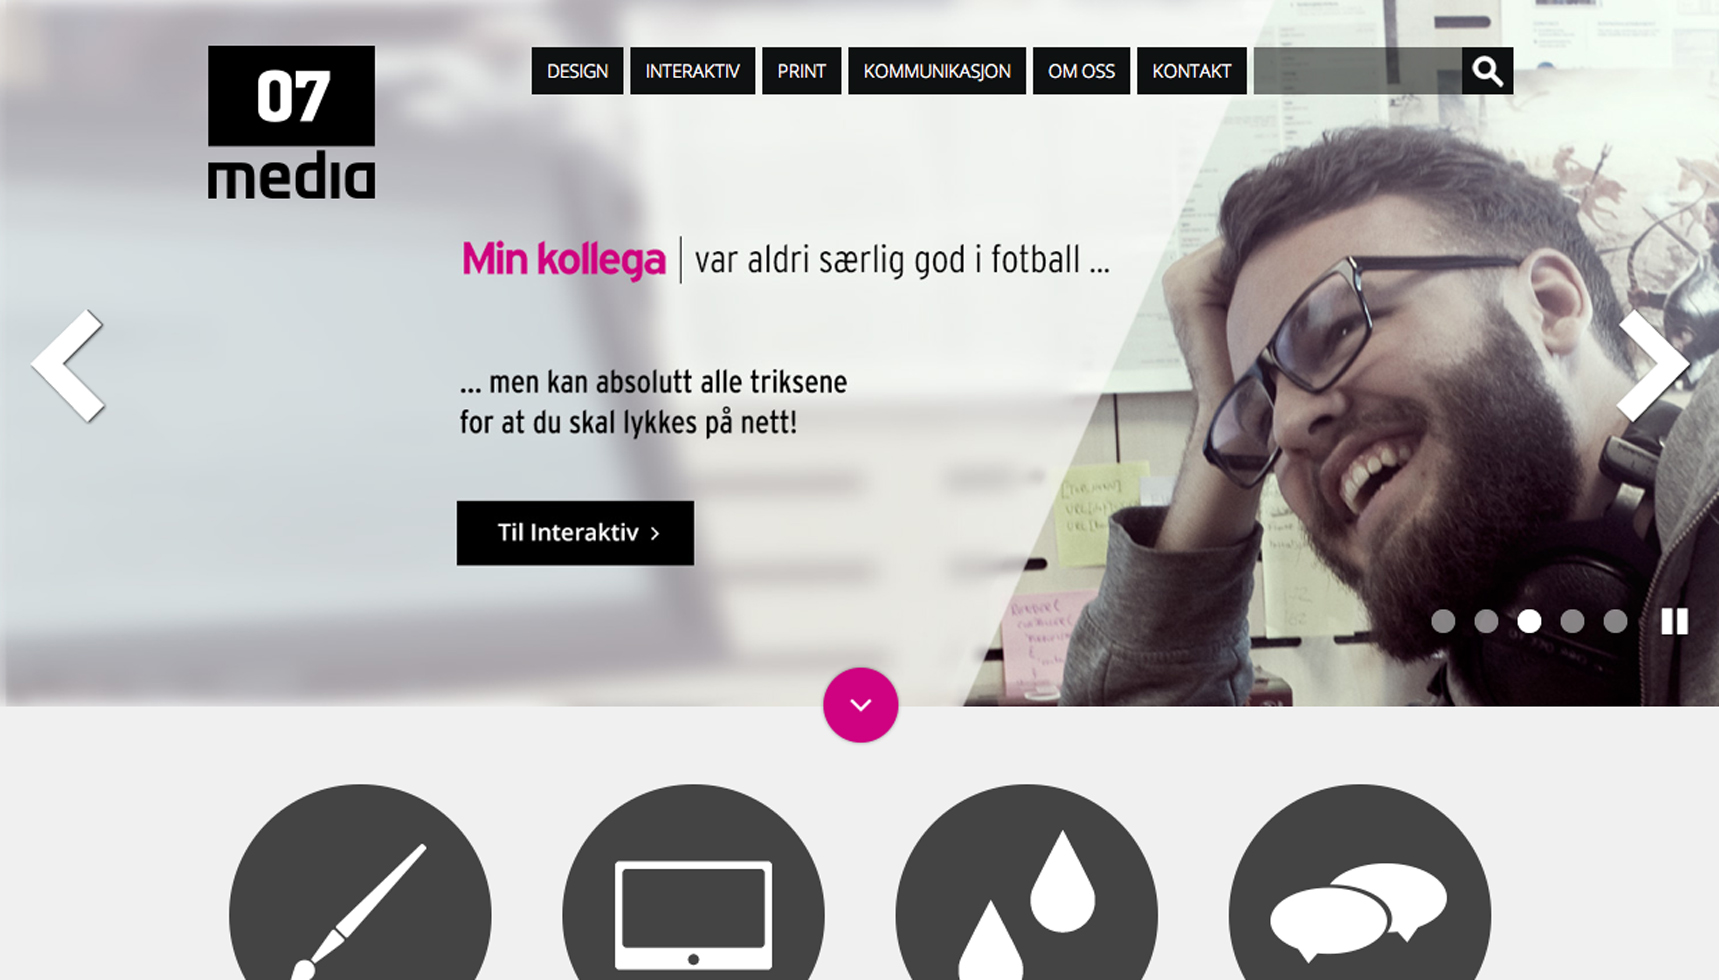 07 kampanje_webside